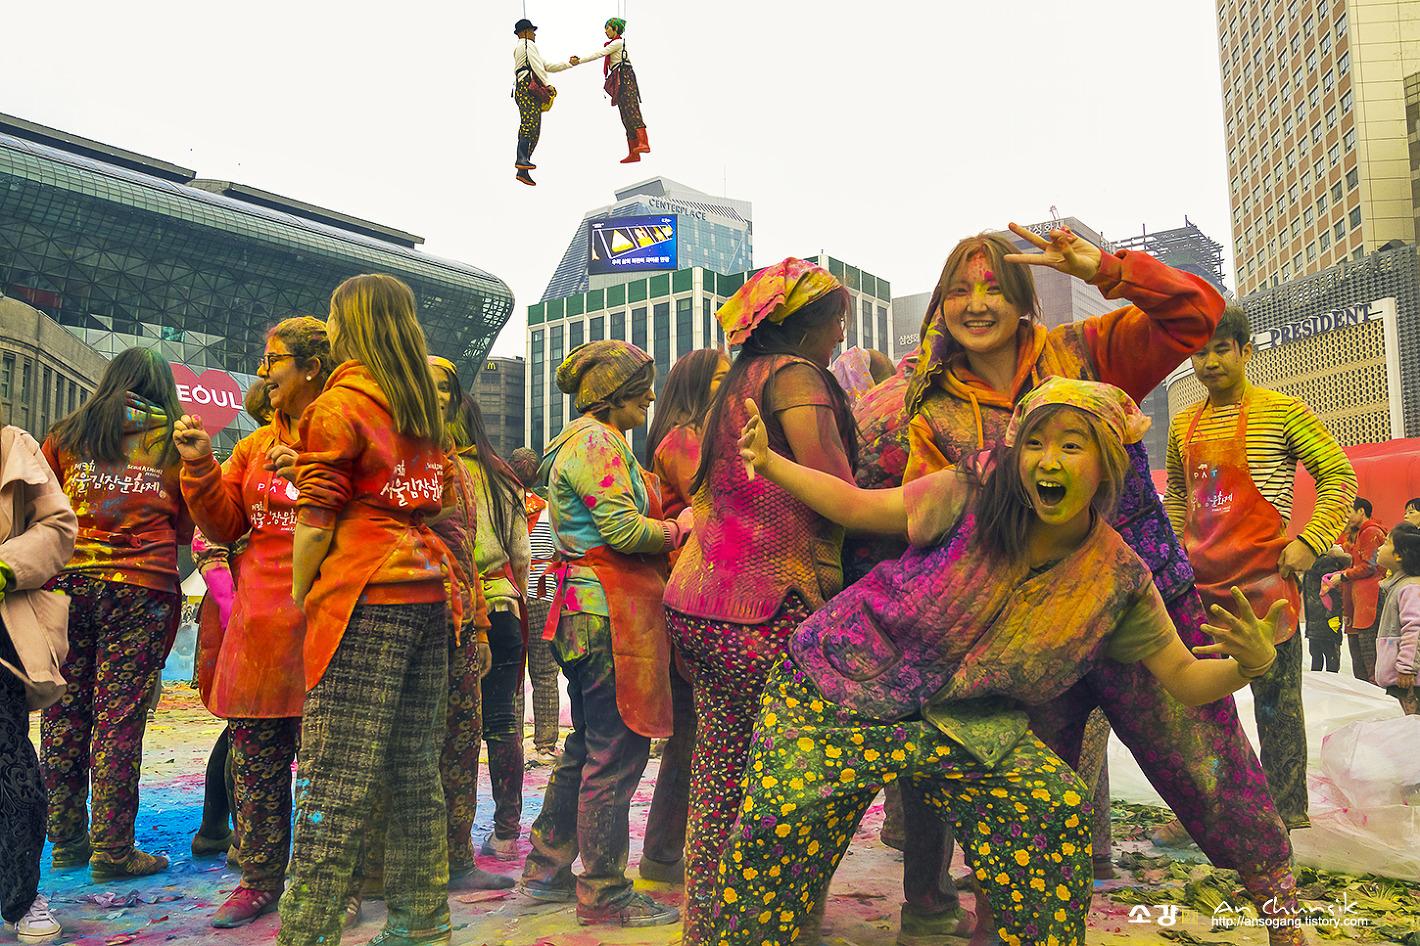 축제의 기쁨과 열광